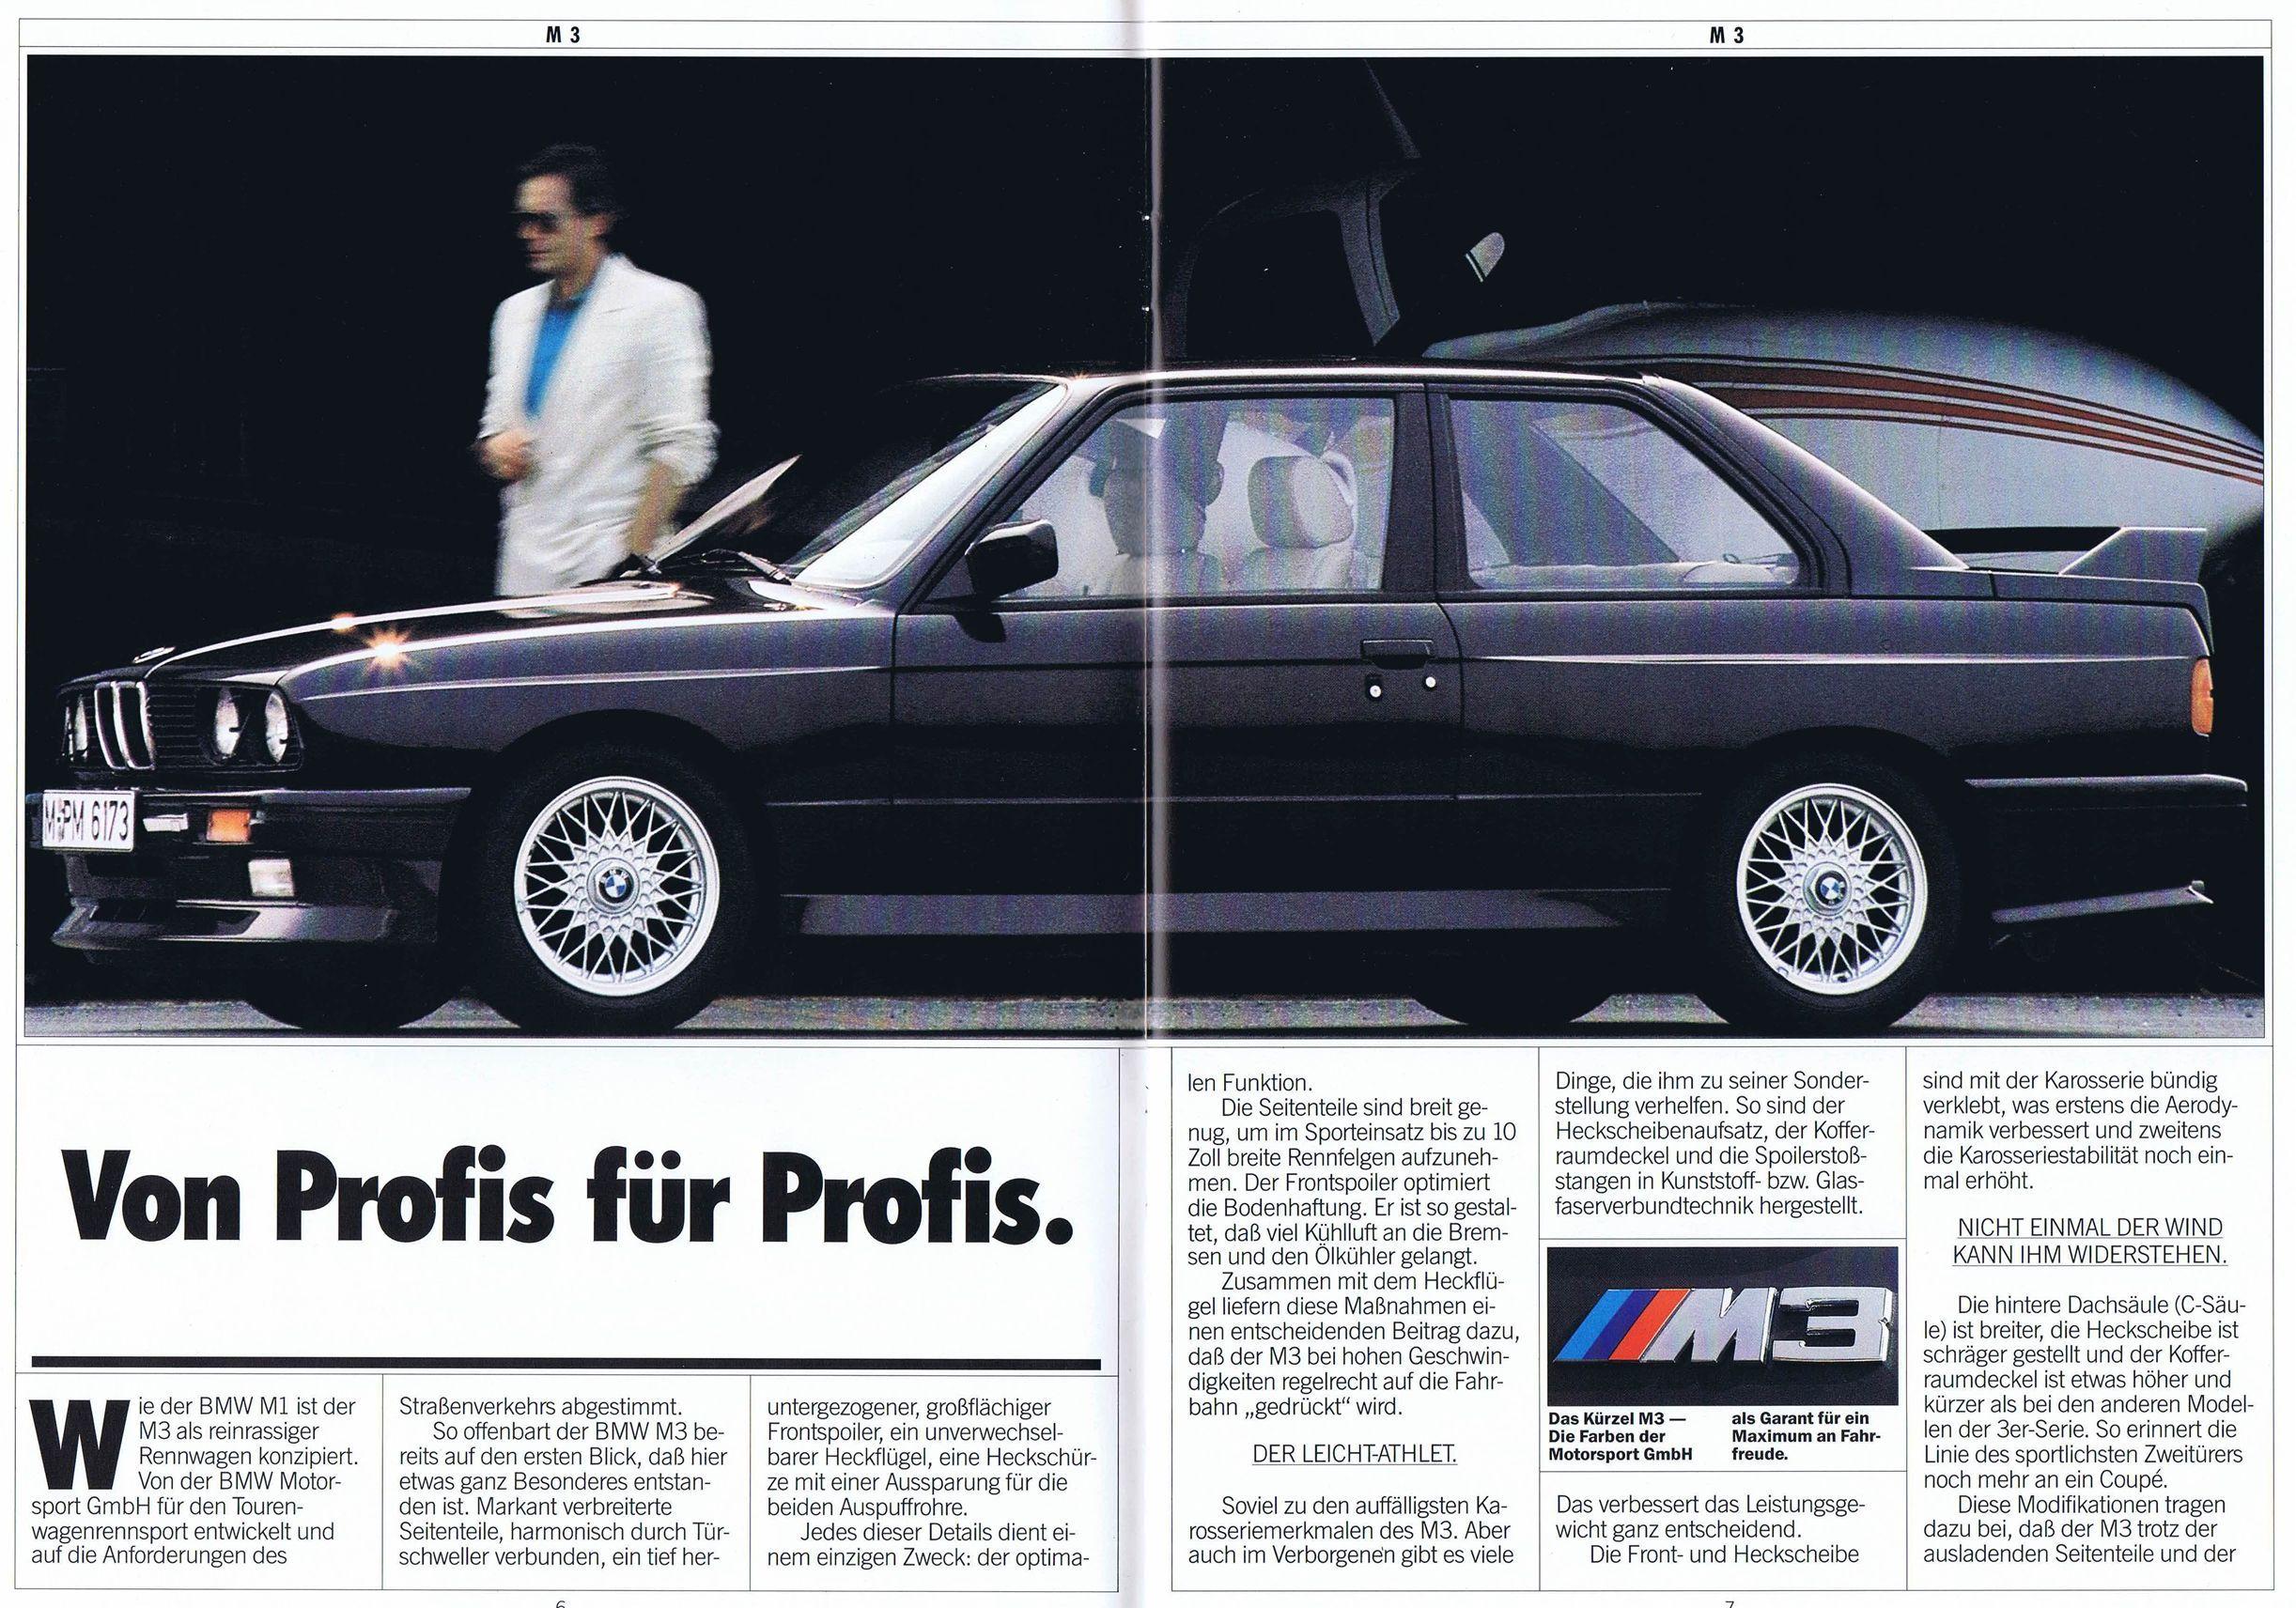 1987 BMW M3 side